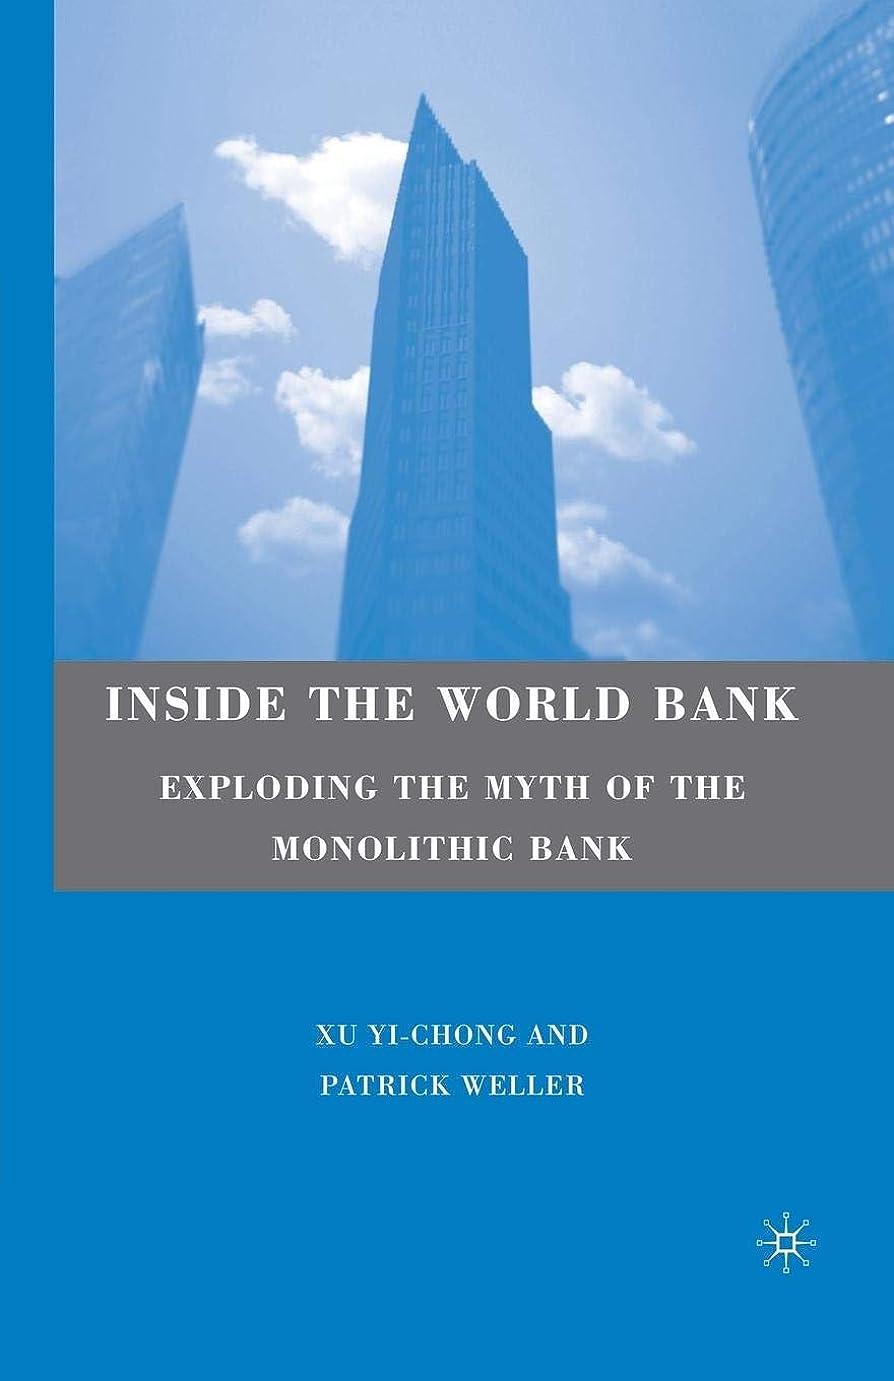 微生物アクション連帯Inside the World Bank: Exploding the Myth of the Monolithic Bank